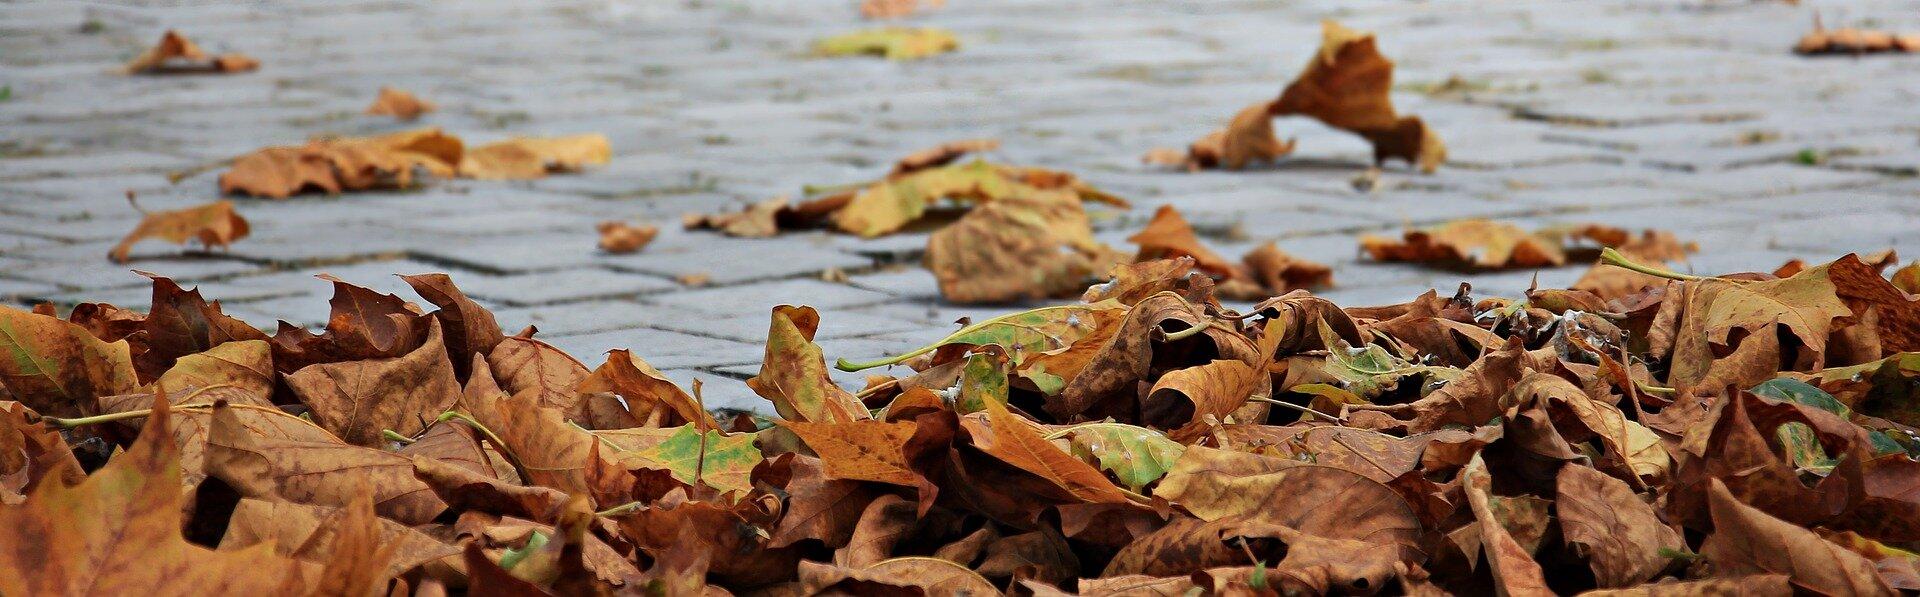 autumn-1685924_1920.jpg